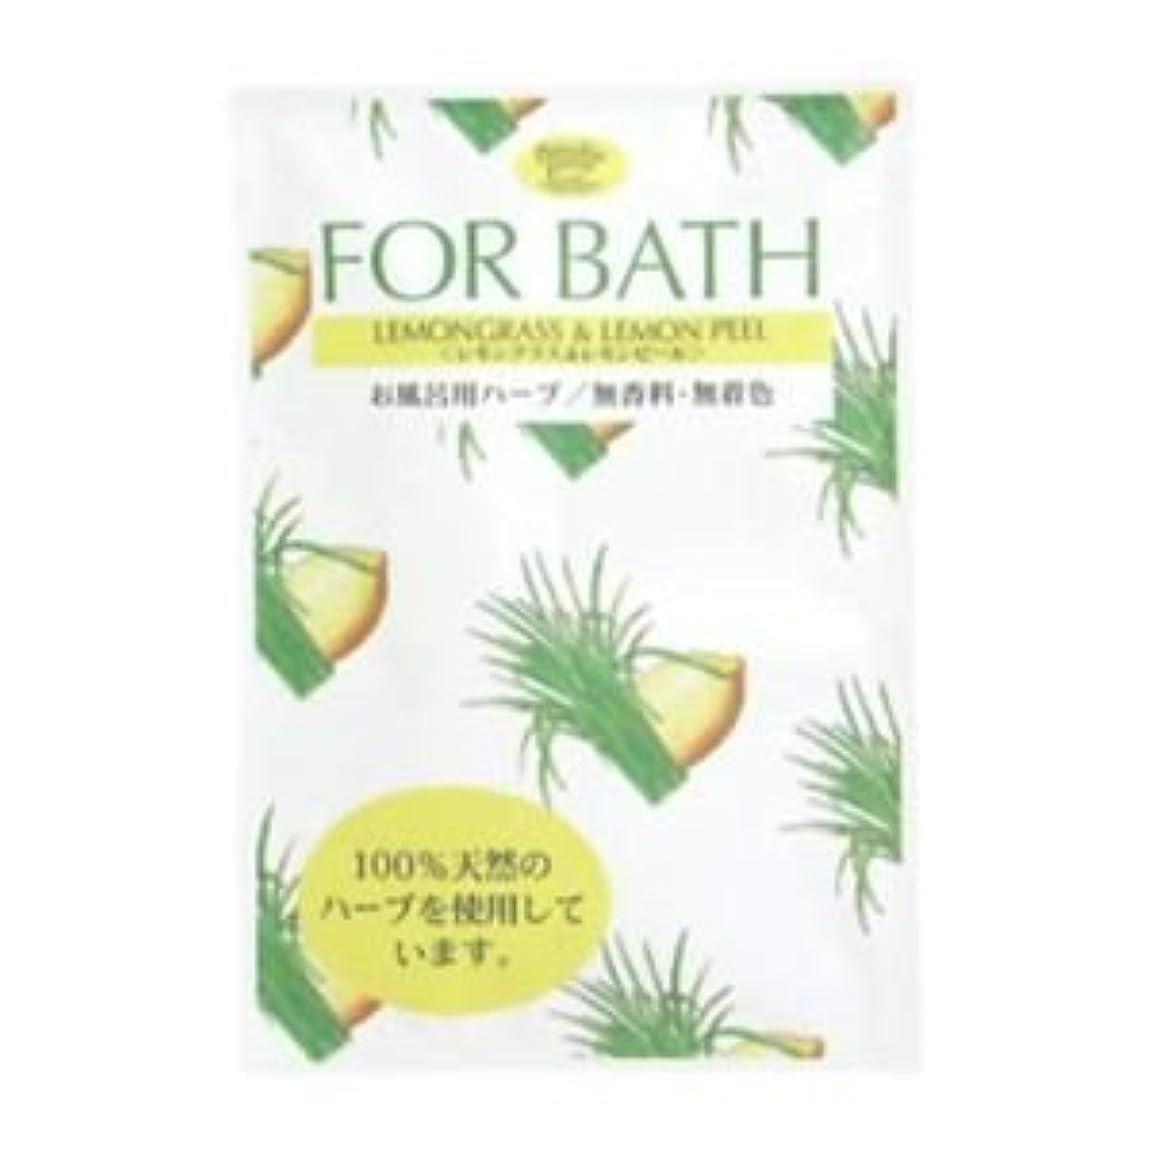 リッチマイク蒸気(まとめ買い)フォアバス レモングラス&レモンピール(入浴剤 ハーブ)×15セット